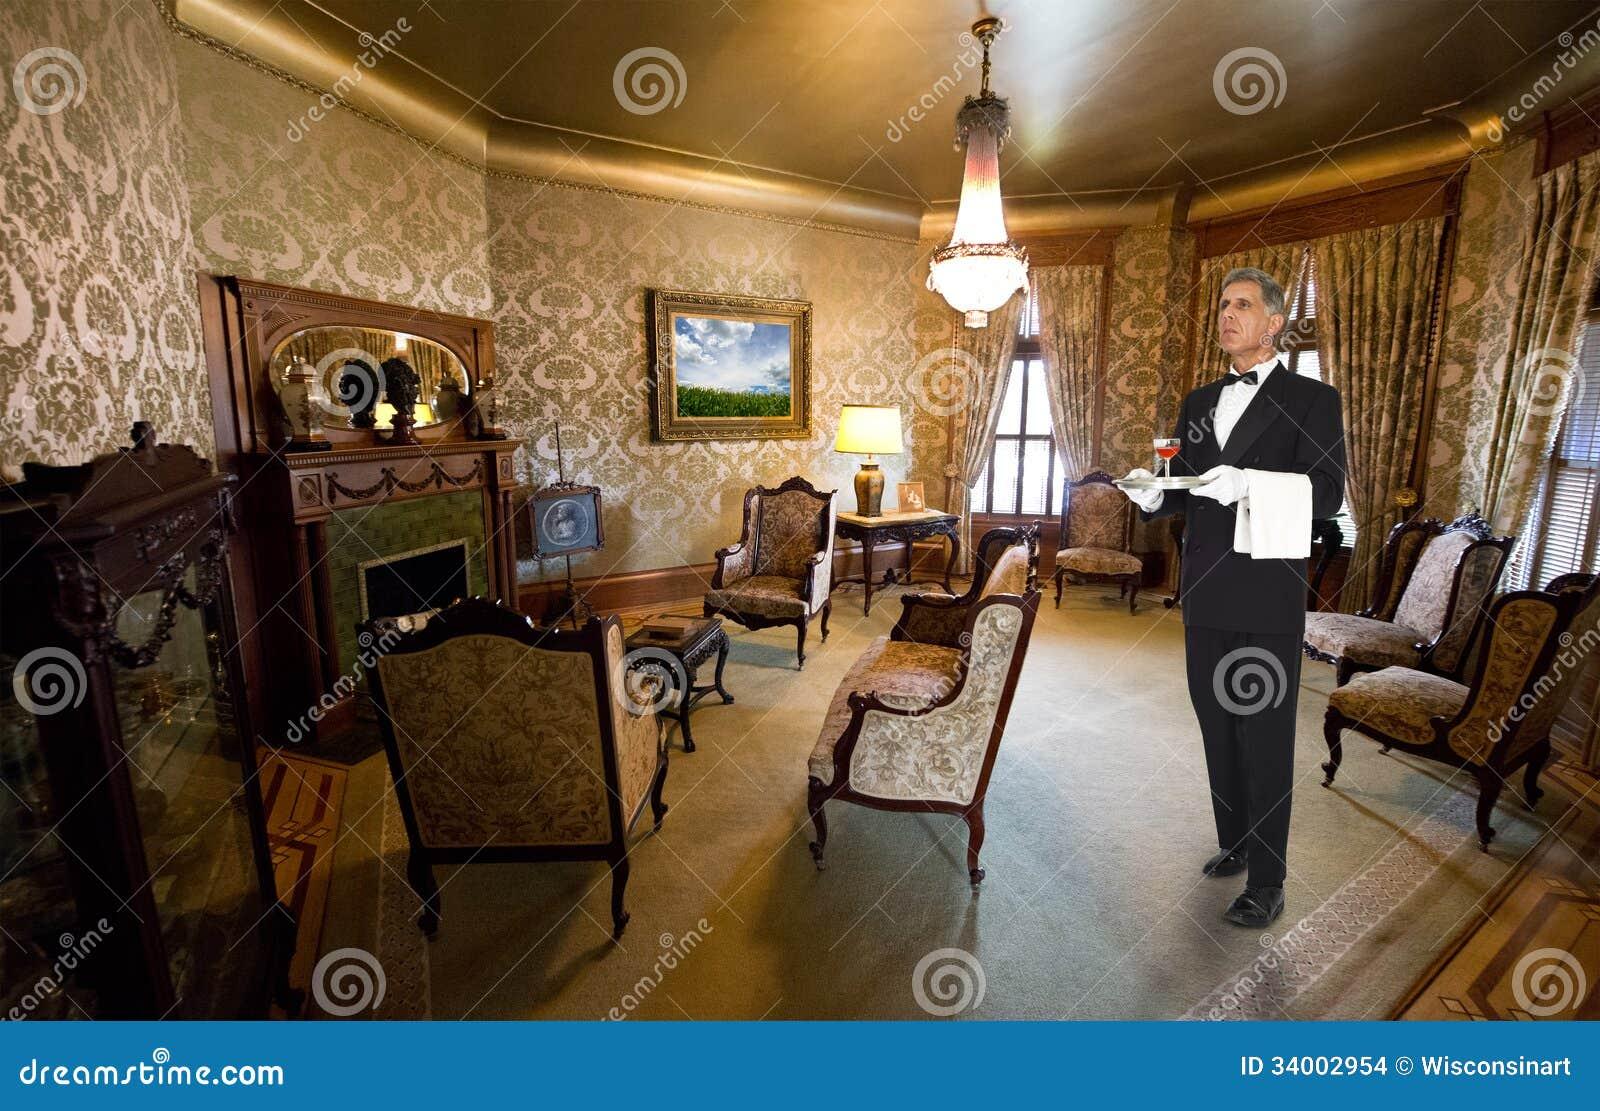 butler ou serveur staff dans le salon victorien de manoir. Black Bedroom Furniture Sets. Home Design Ideas